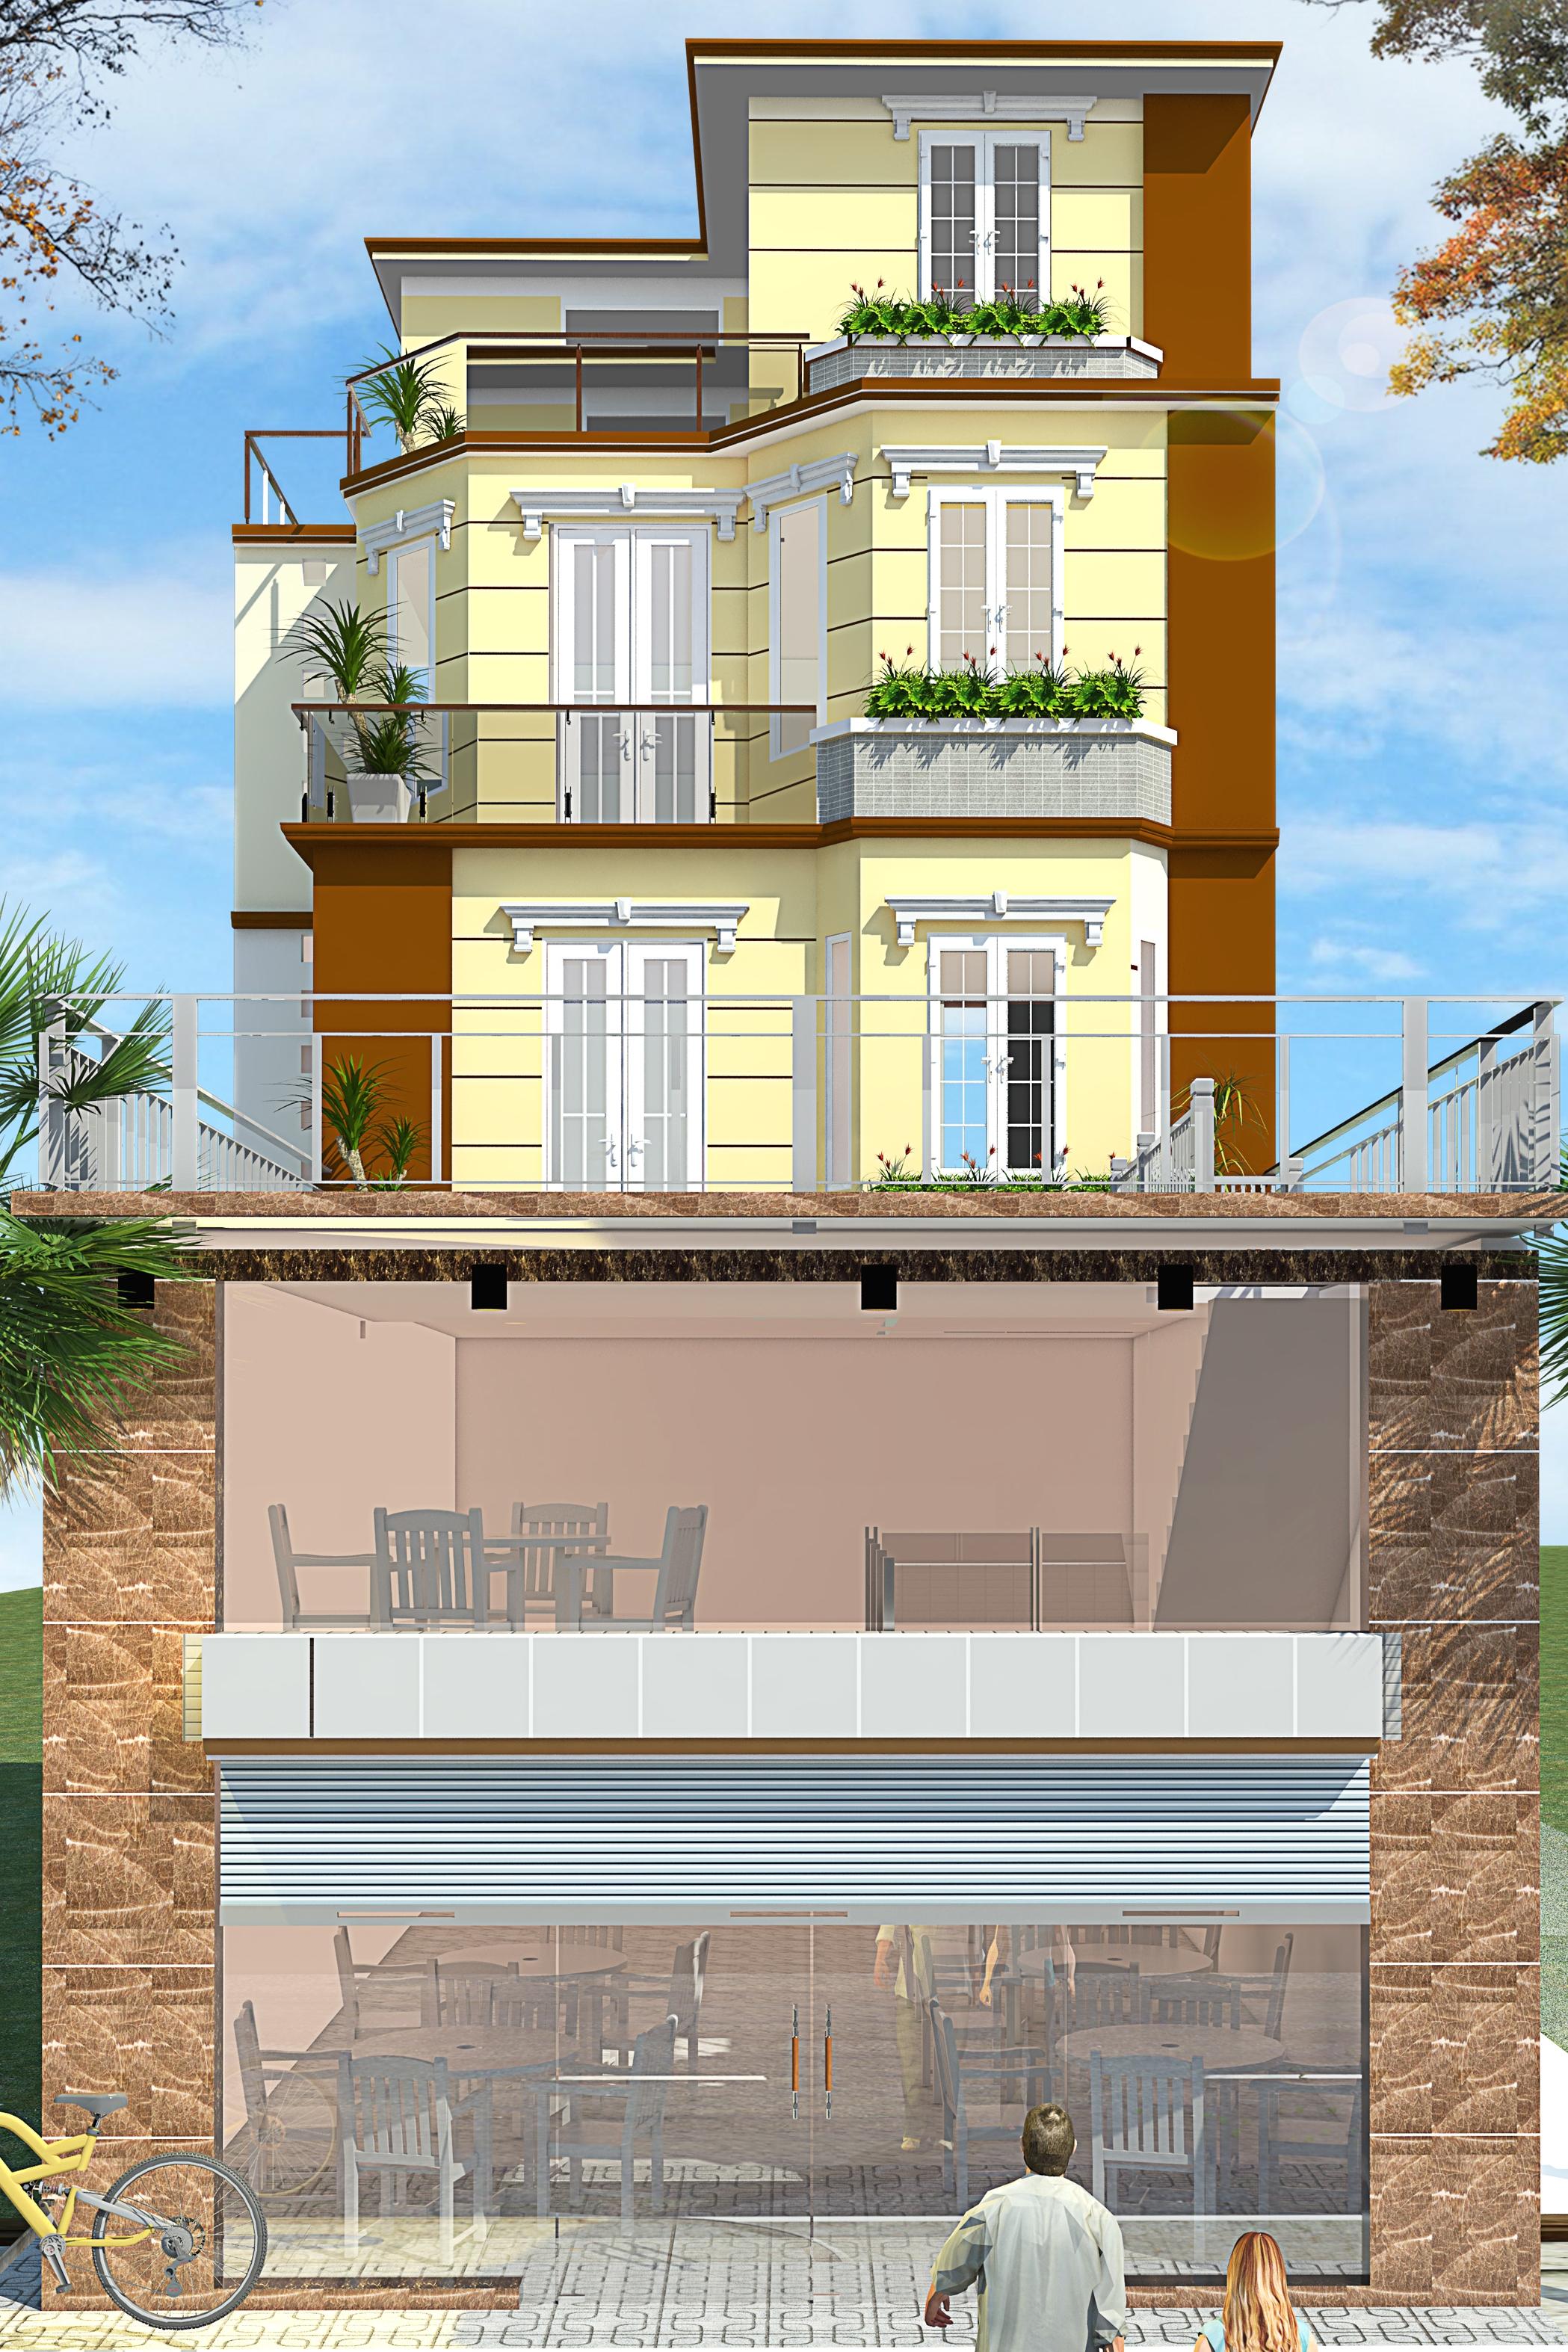 House for rent - nhà cho thuê